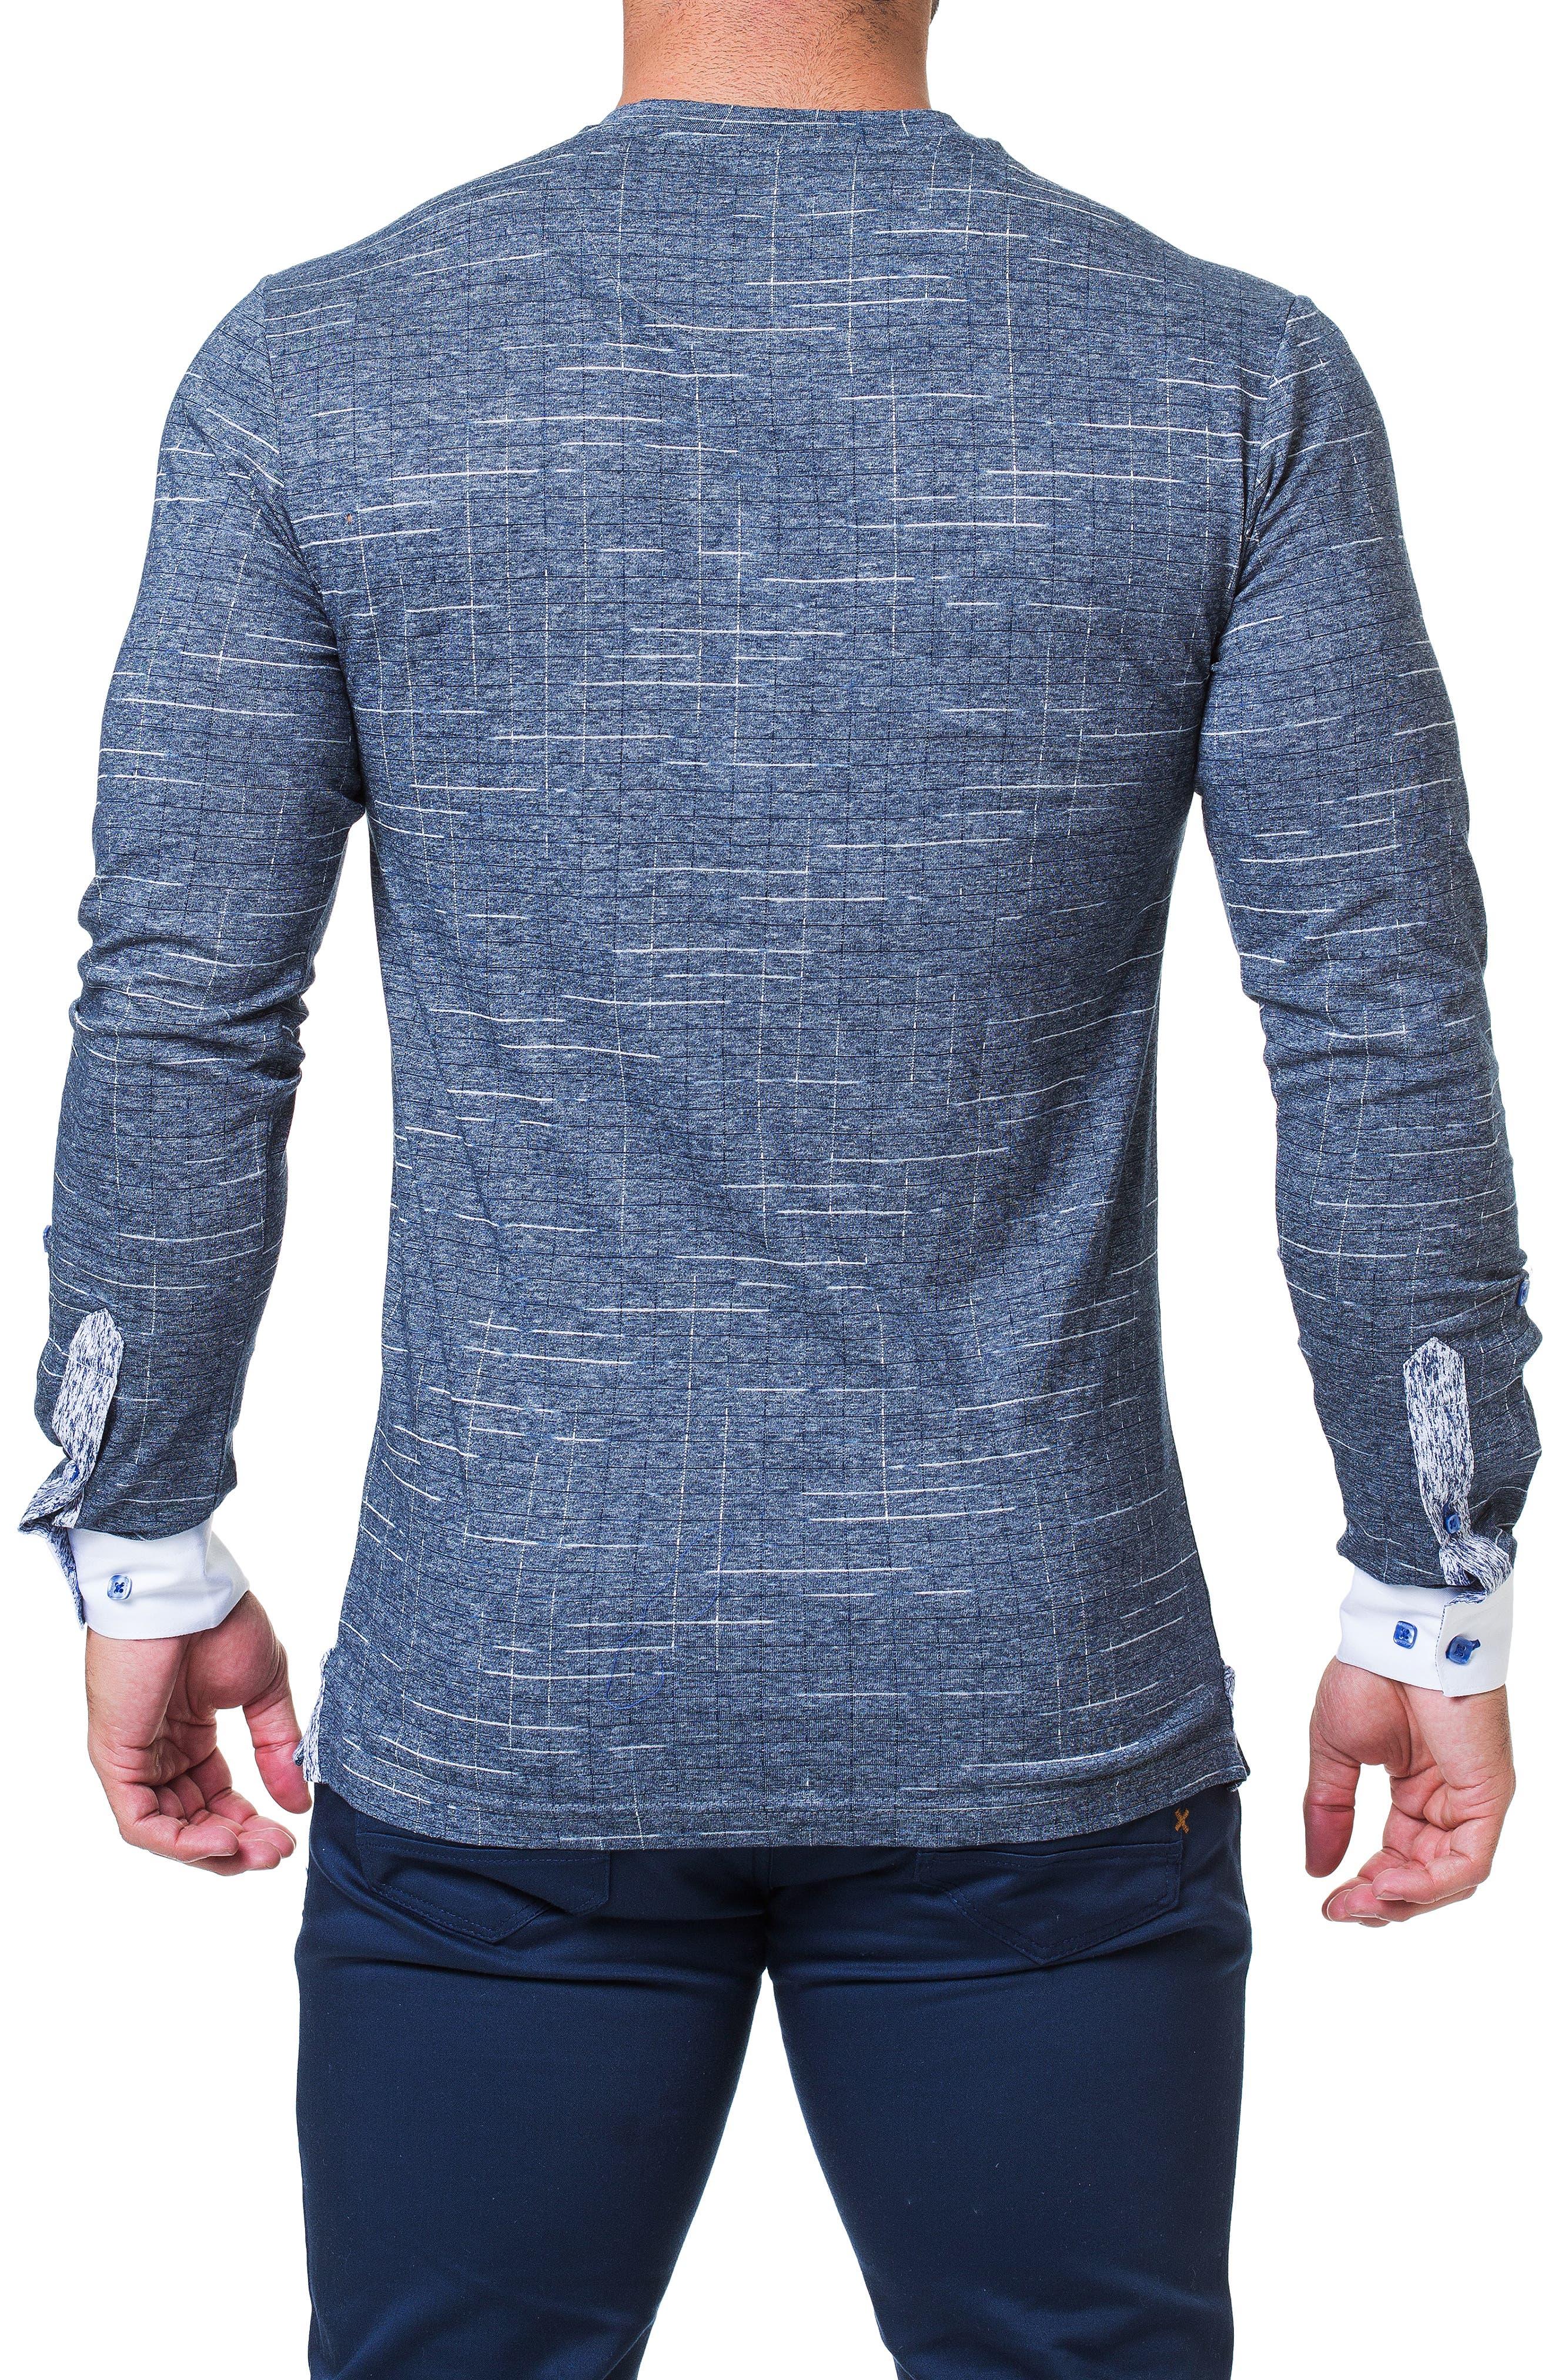 Edison Trim Fit Check T-Shirt,                             Alternate thumbnail 2, color,                             BLUE